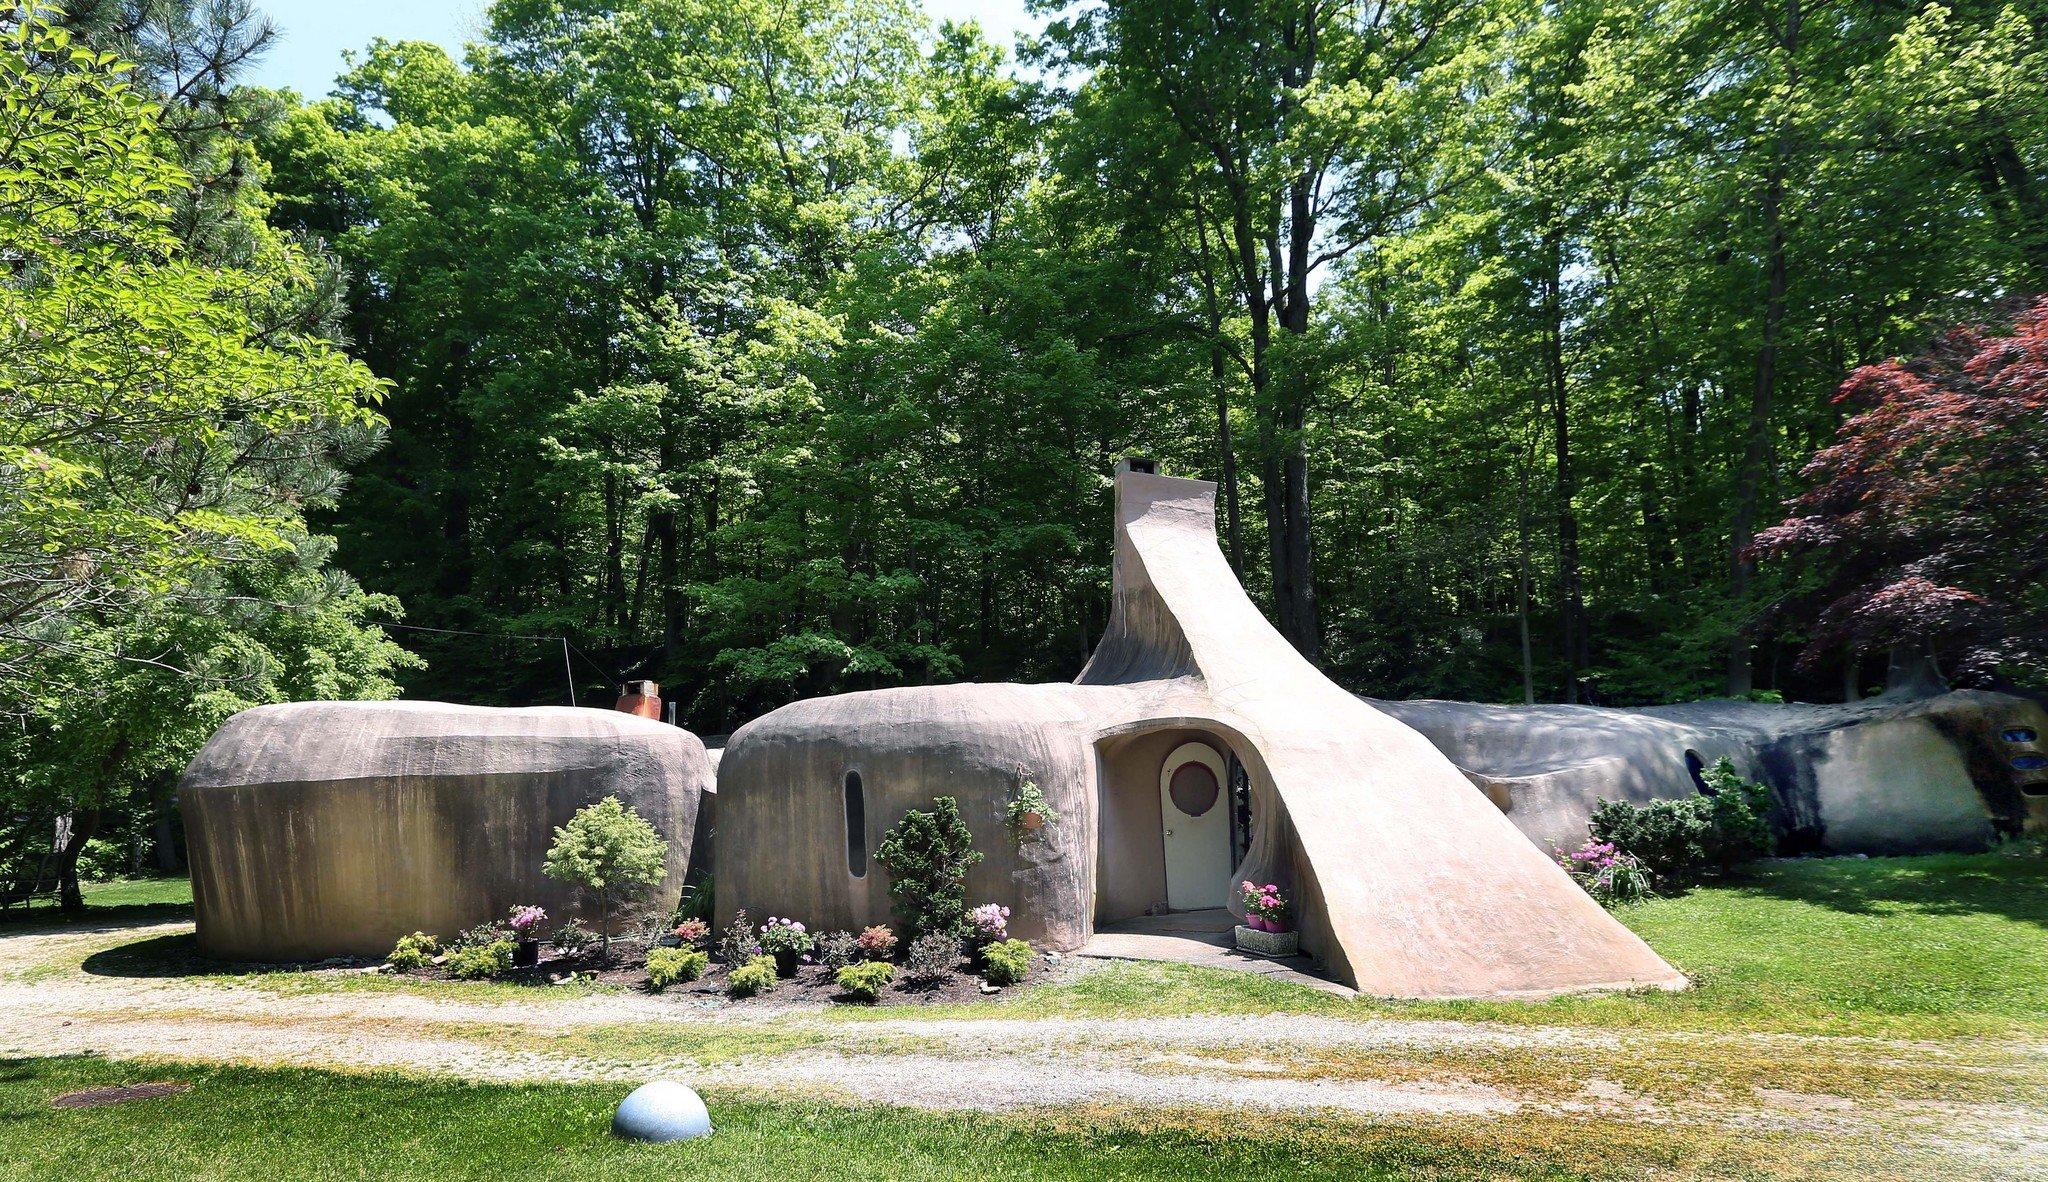 Flintstone House in Painesville Ohio